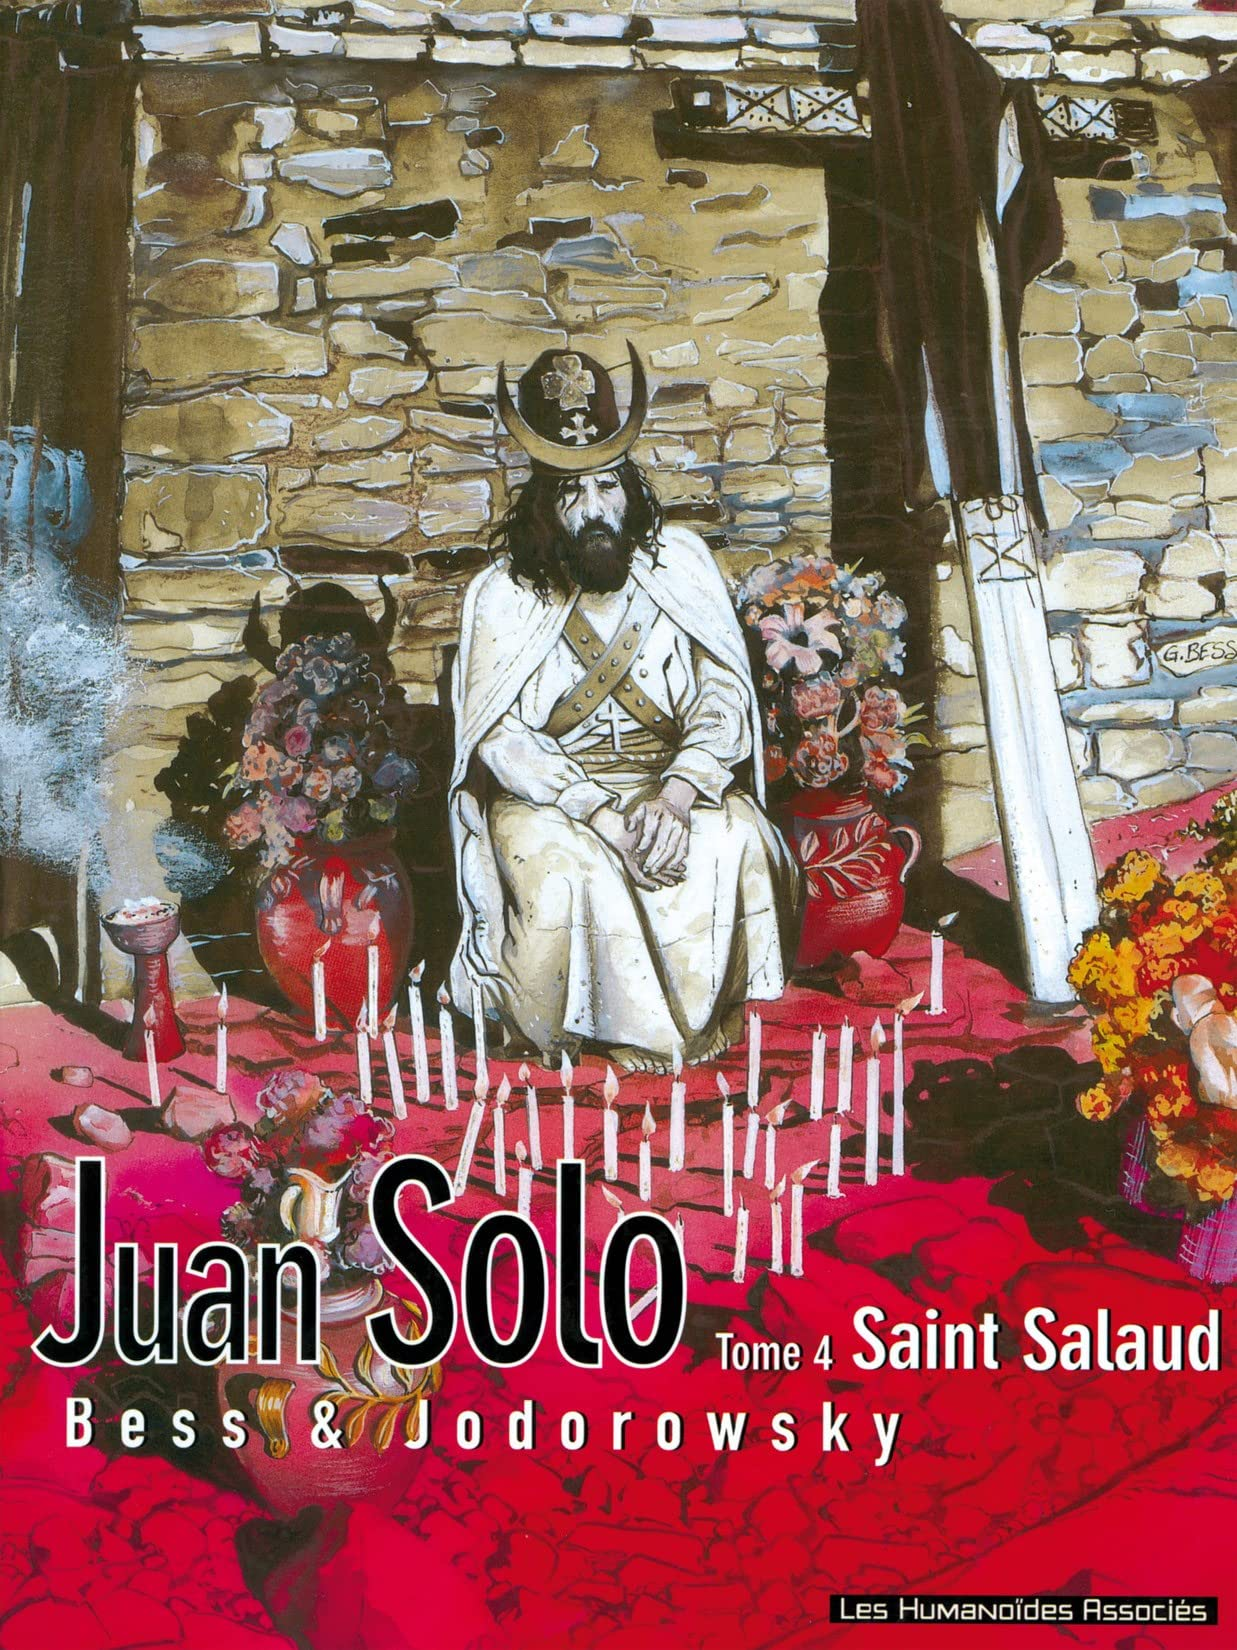 Juan Solo Vol. 4: Saint Salaud